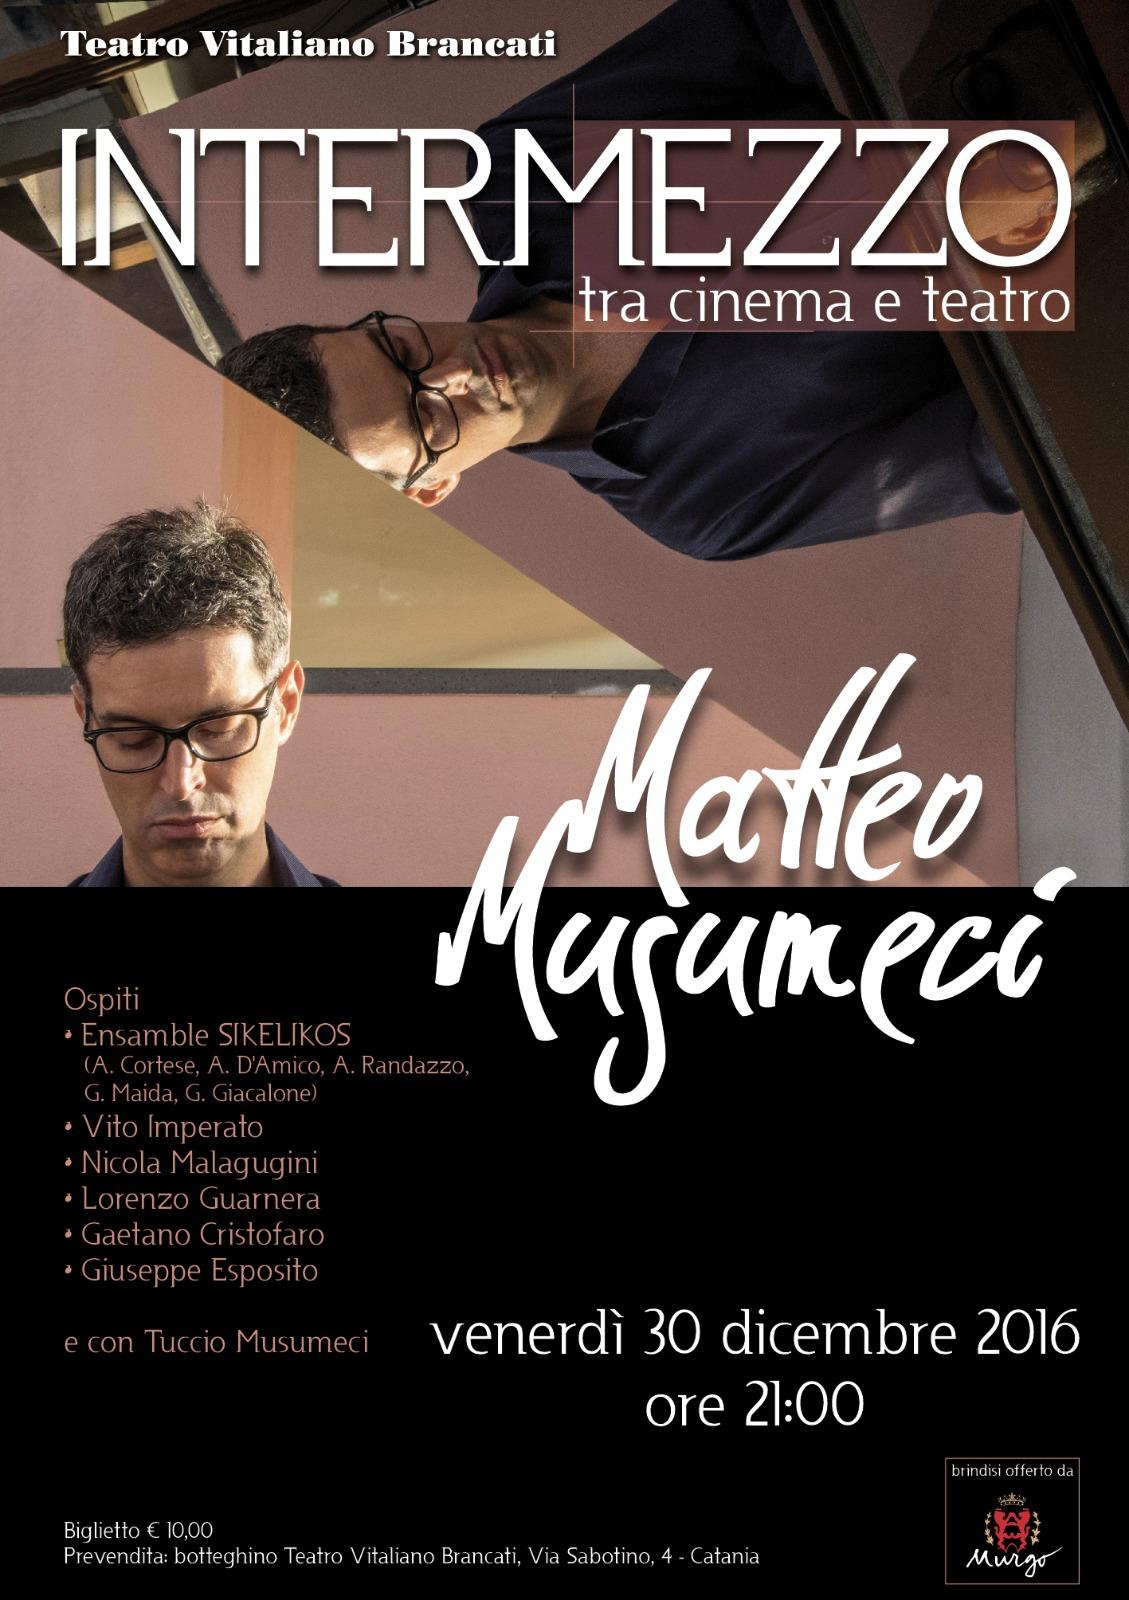 Matteo Musumeci Intermezzo